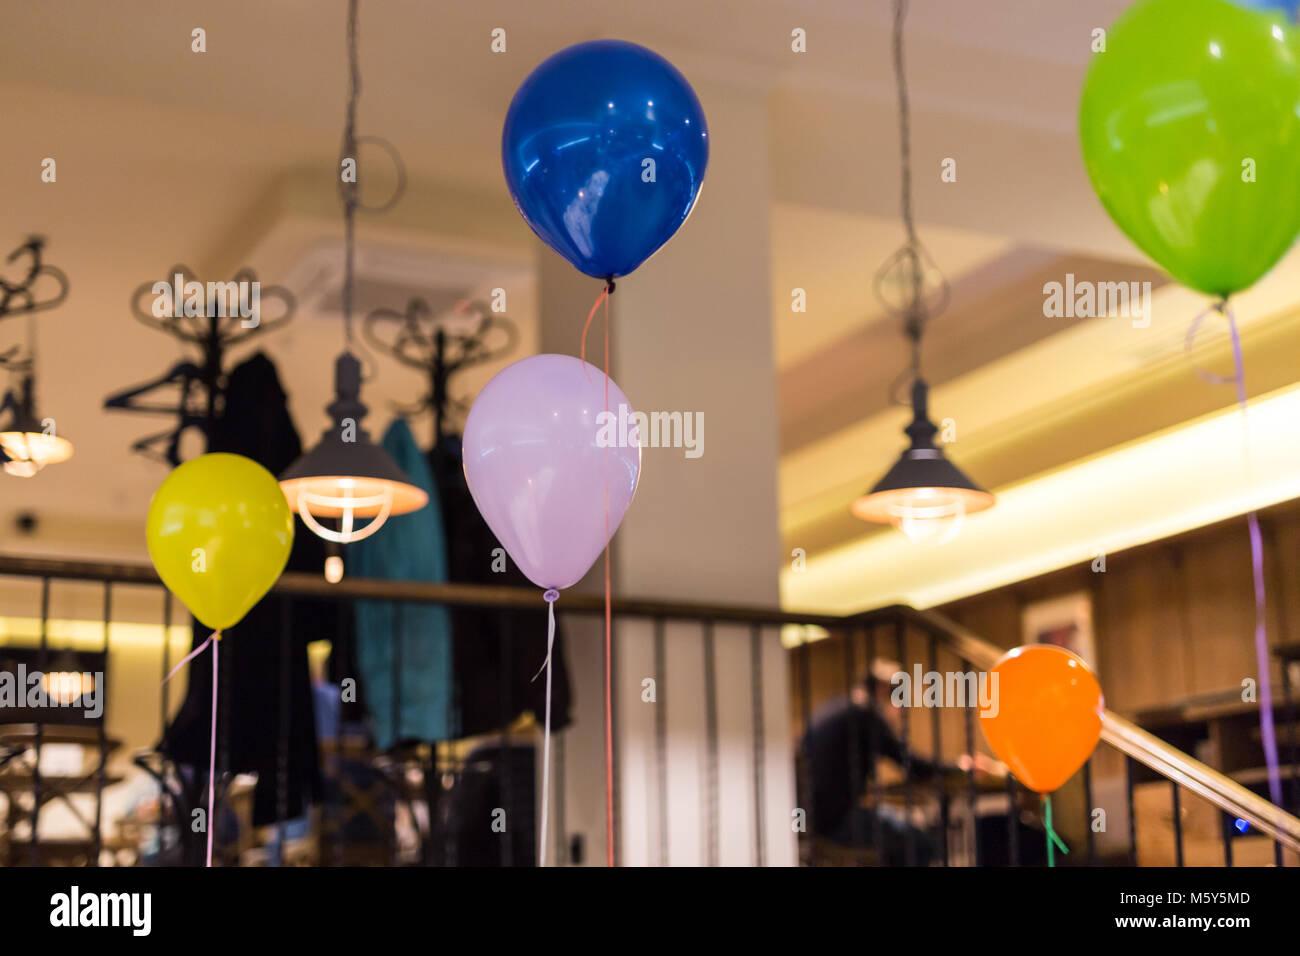 L'air intérieur baloons multicolores. Préparation pour partie. Décoration d'intérieur. Photo Stock